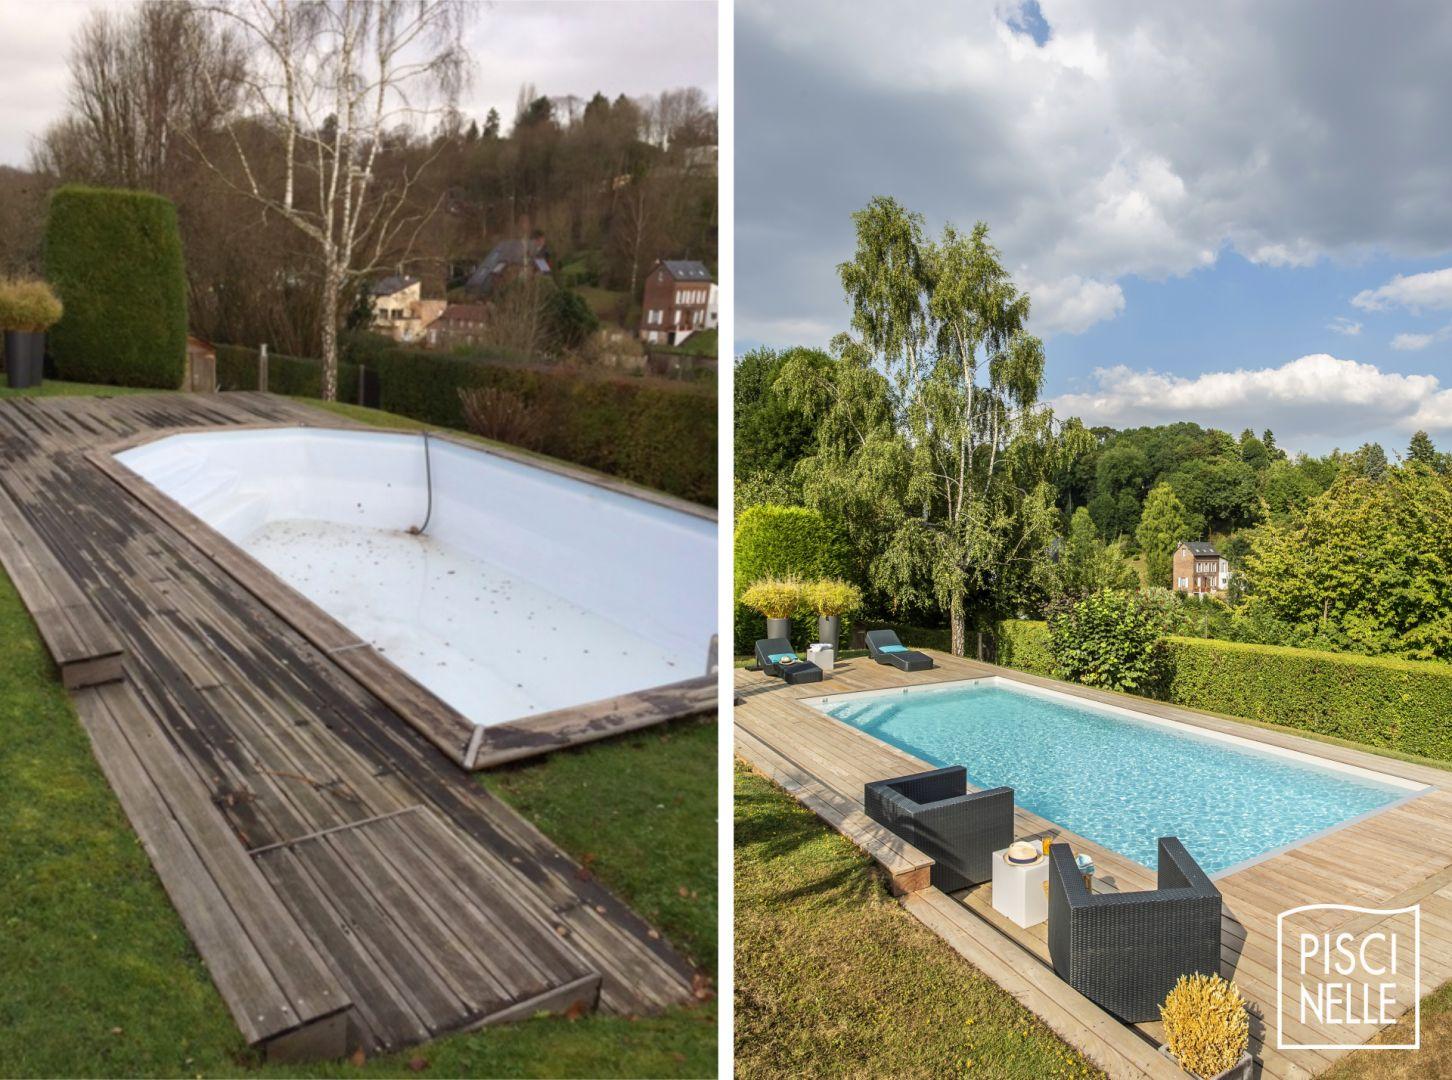 Rénovation totale d'une piscine